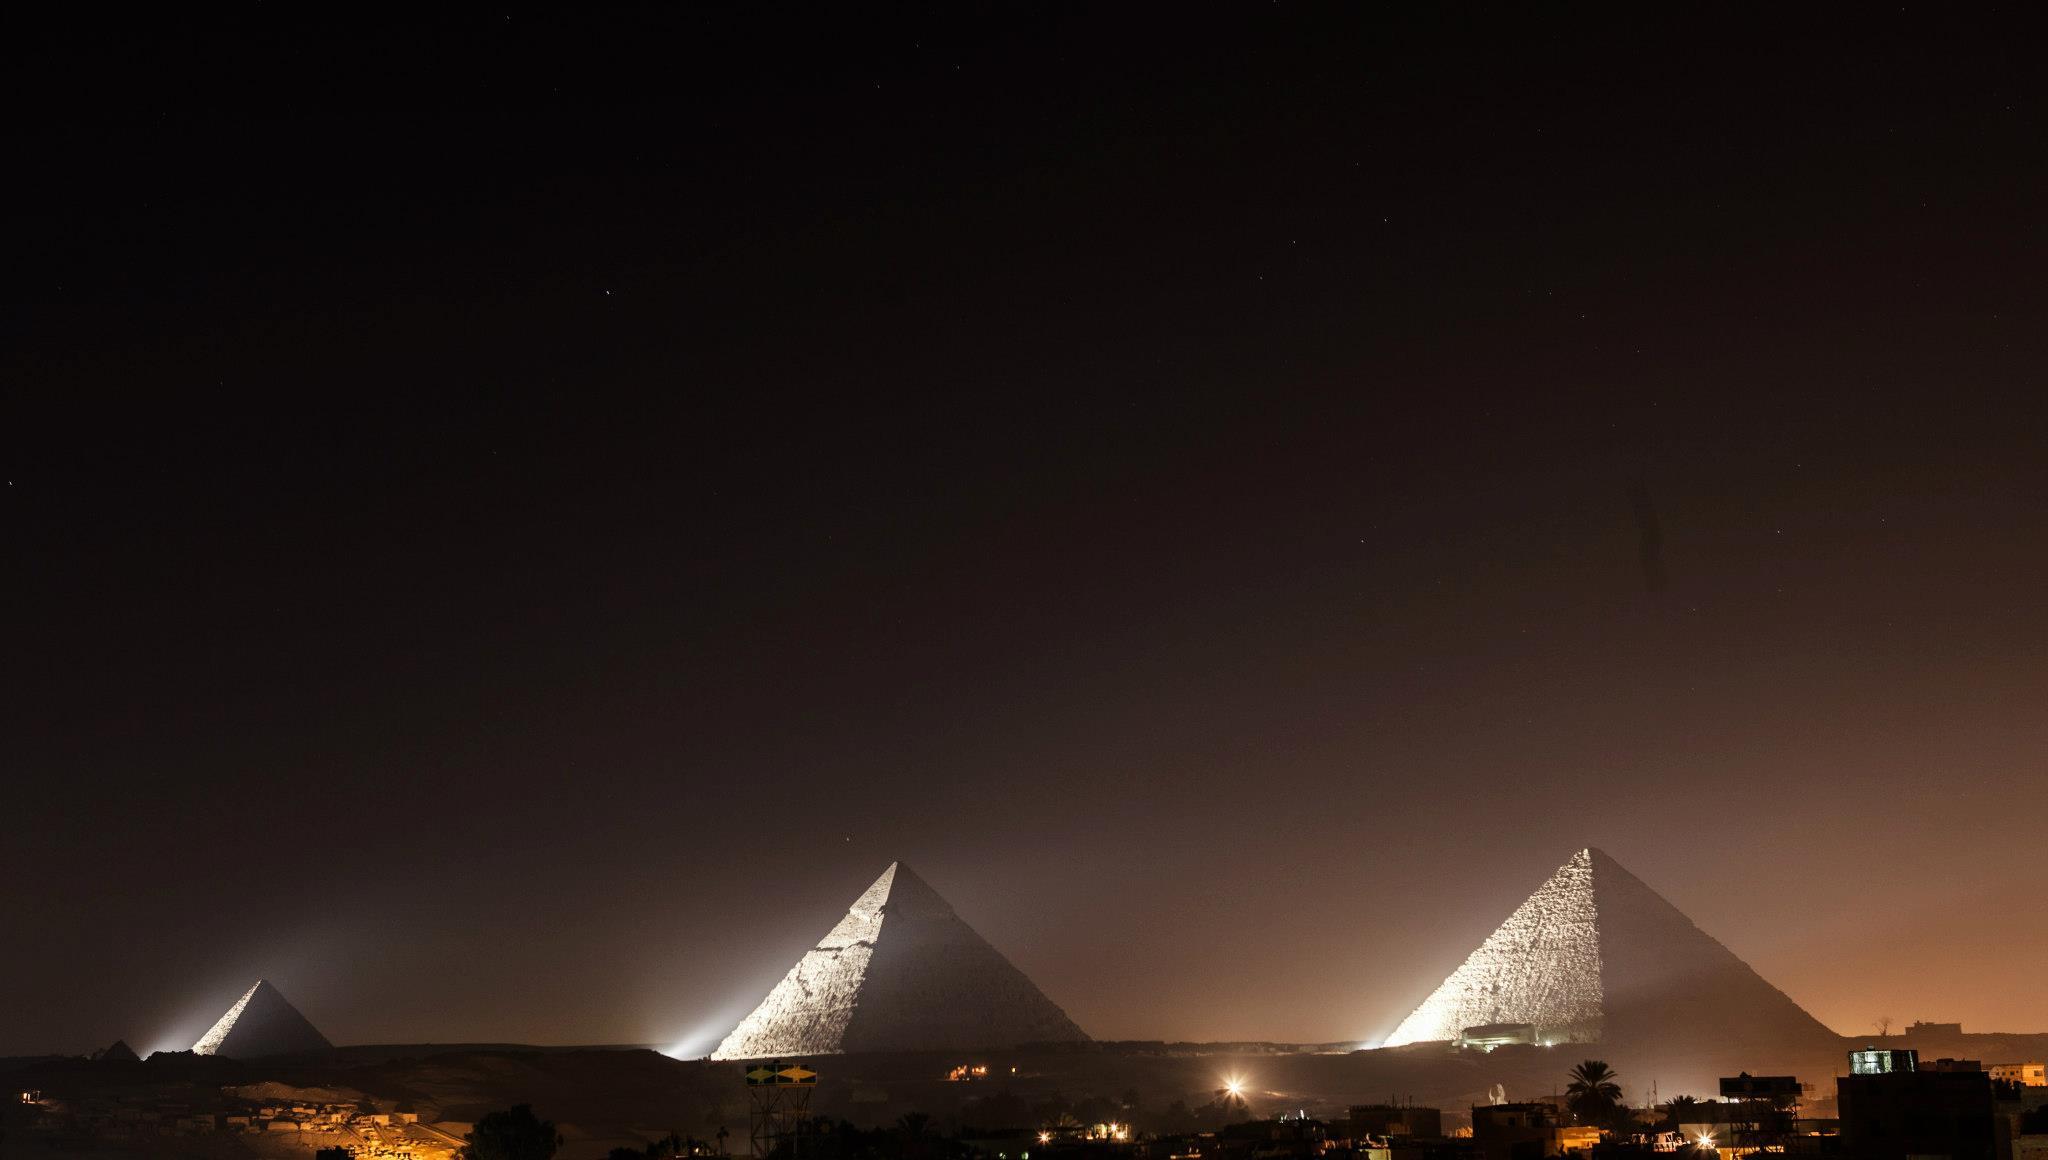 Pyramids at Giza – rare rooftop view